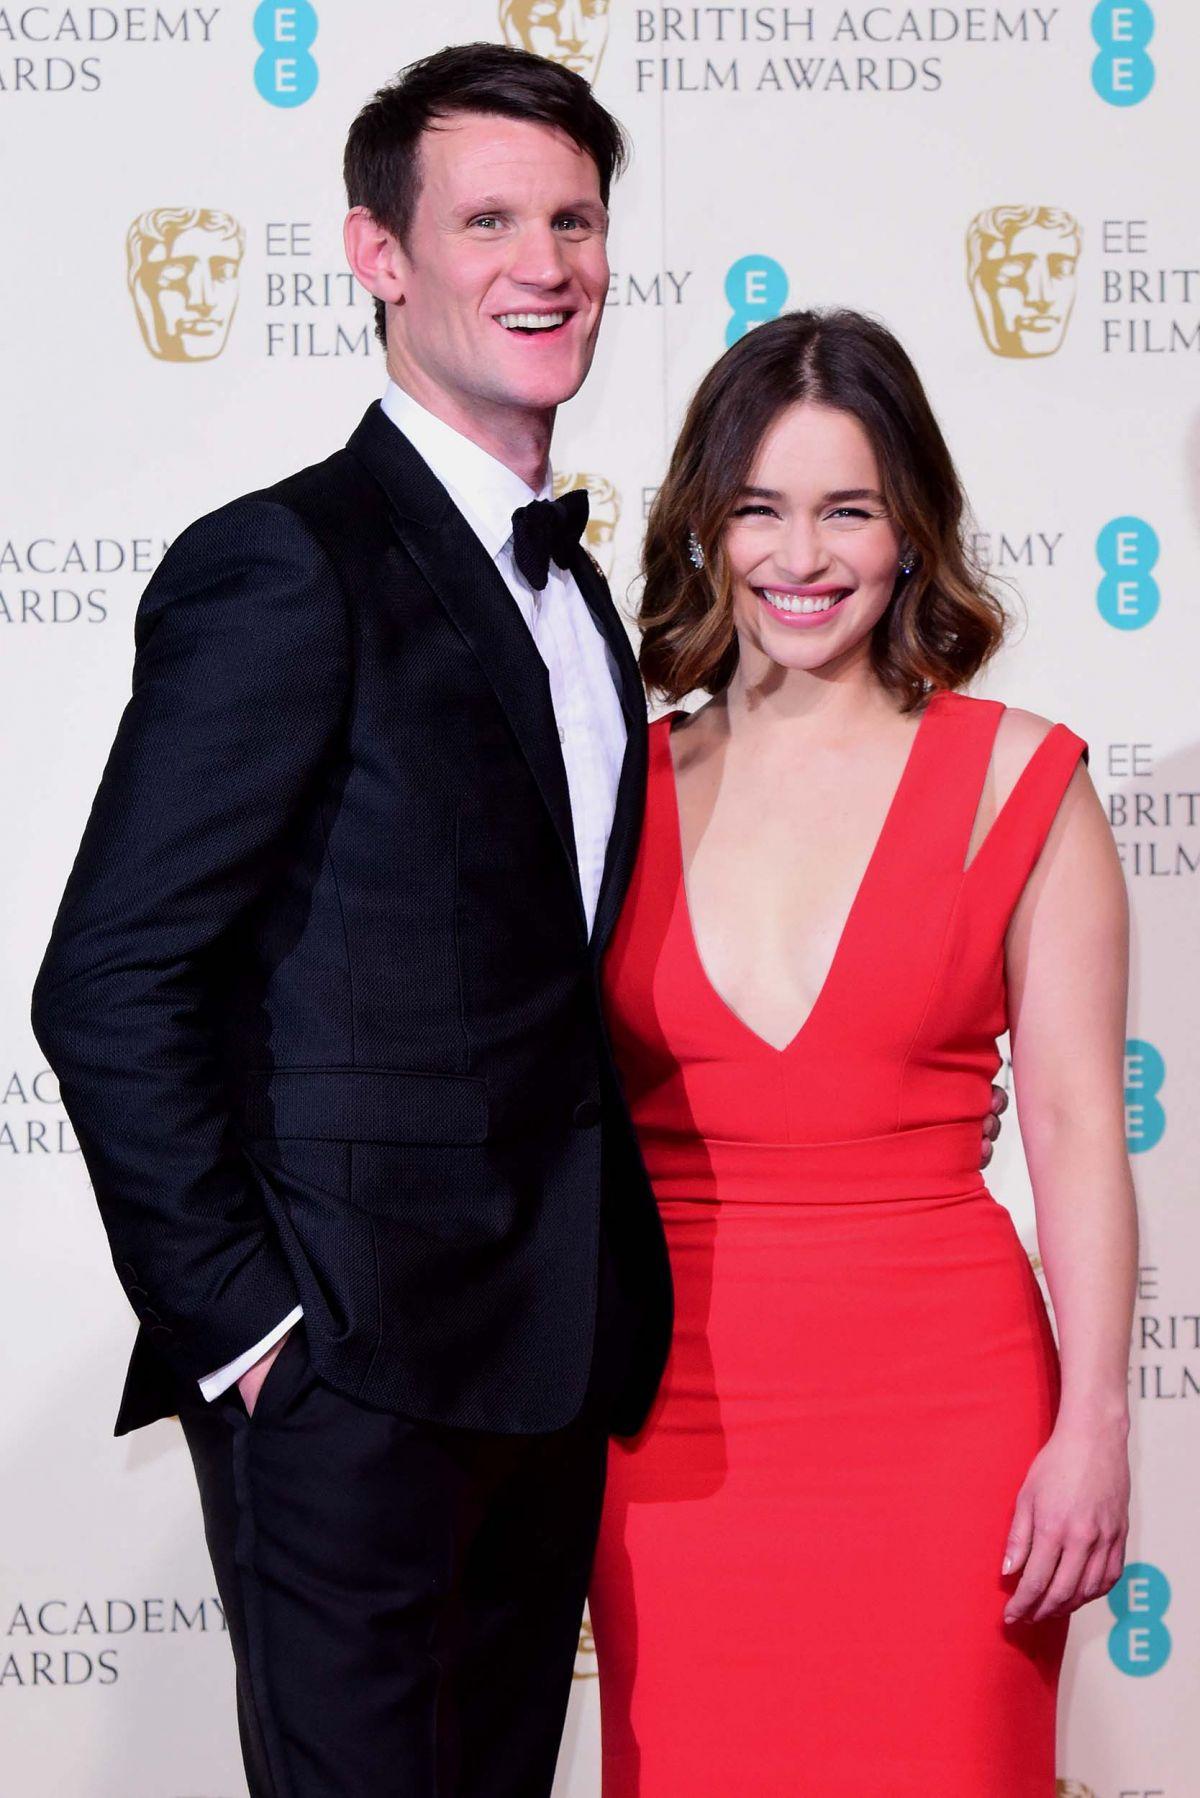 Emilia Clarke : Surprise en plein rencard avec un autre héros de série -  Purepeople